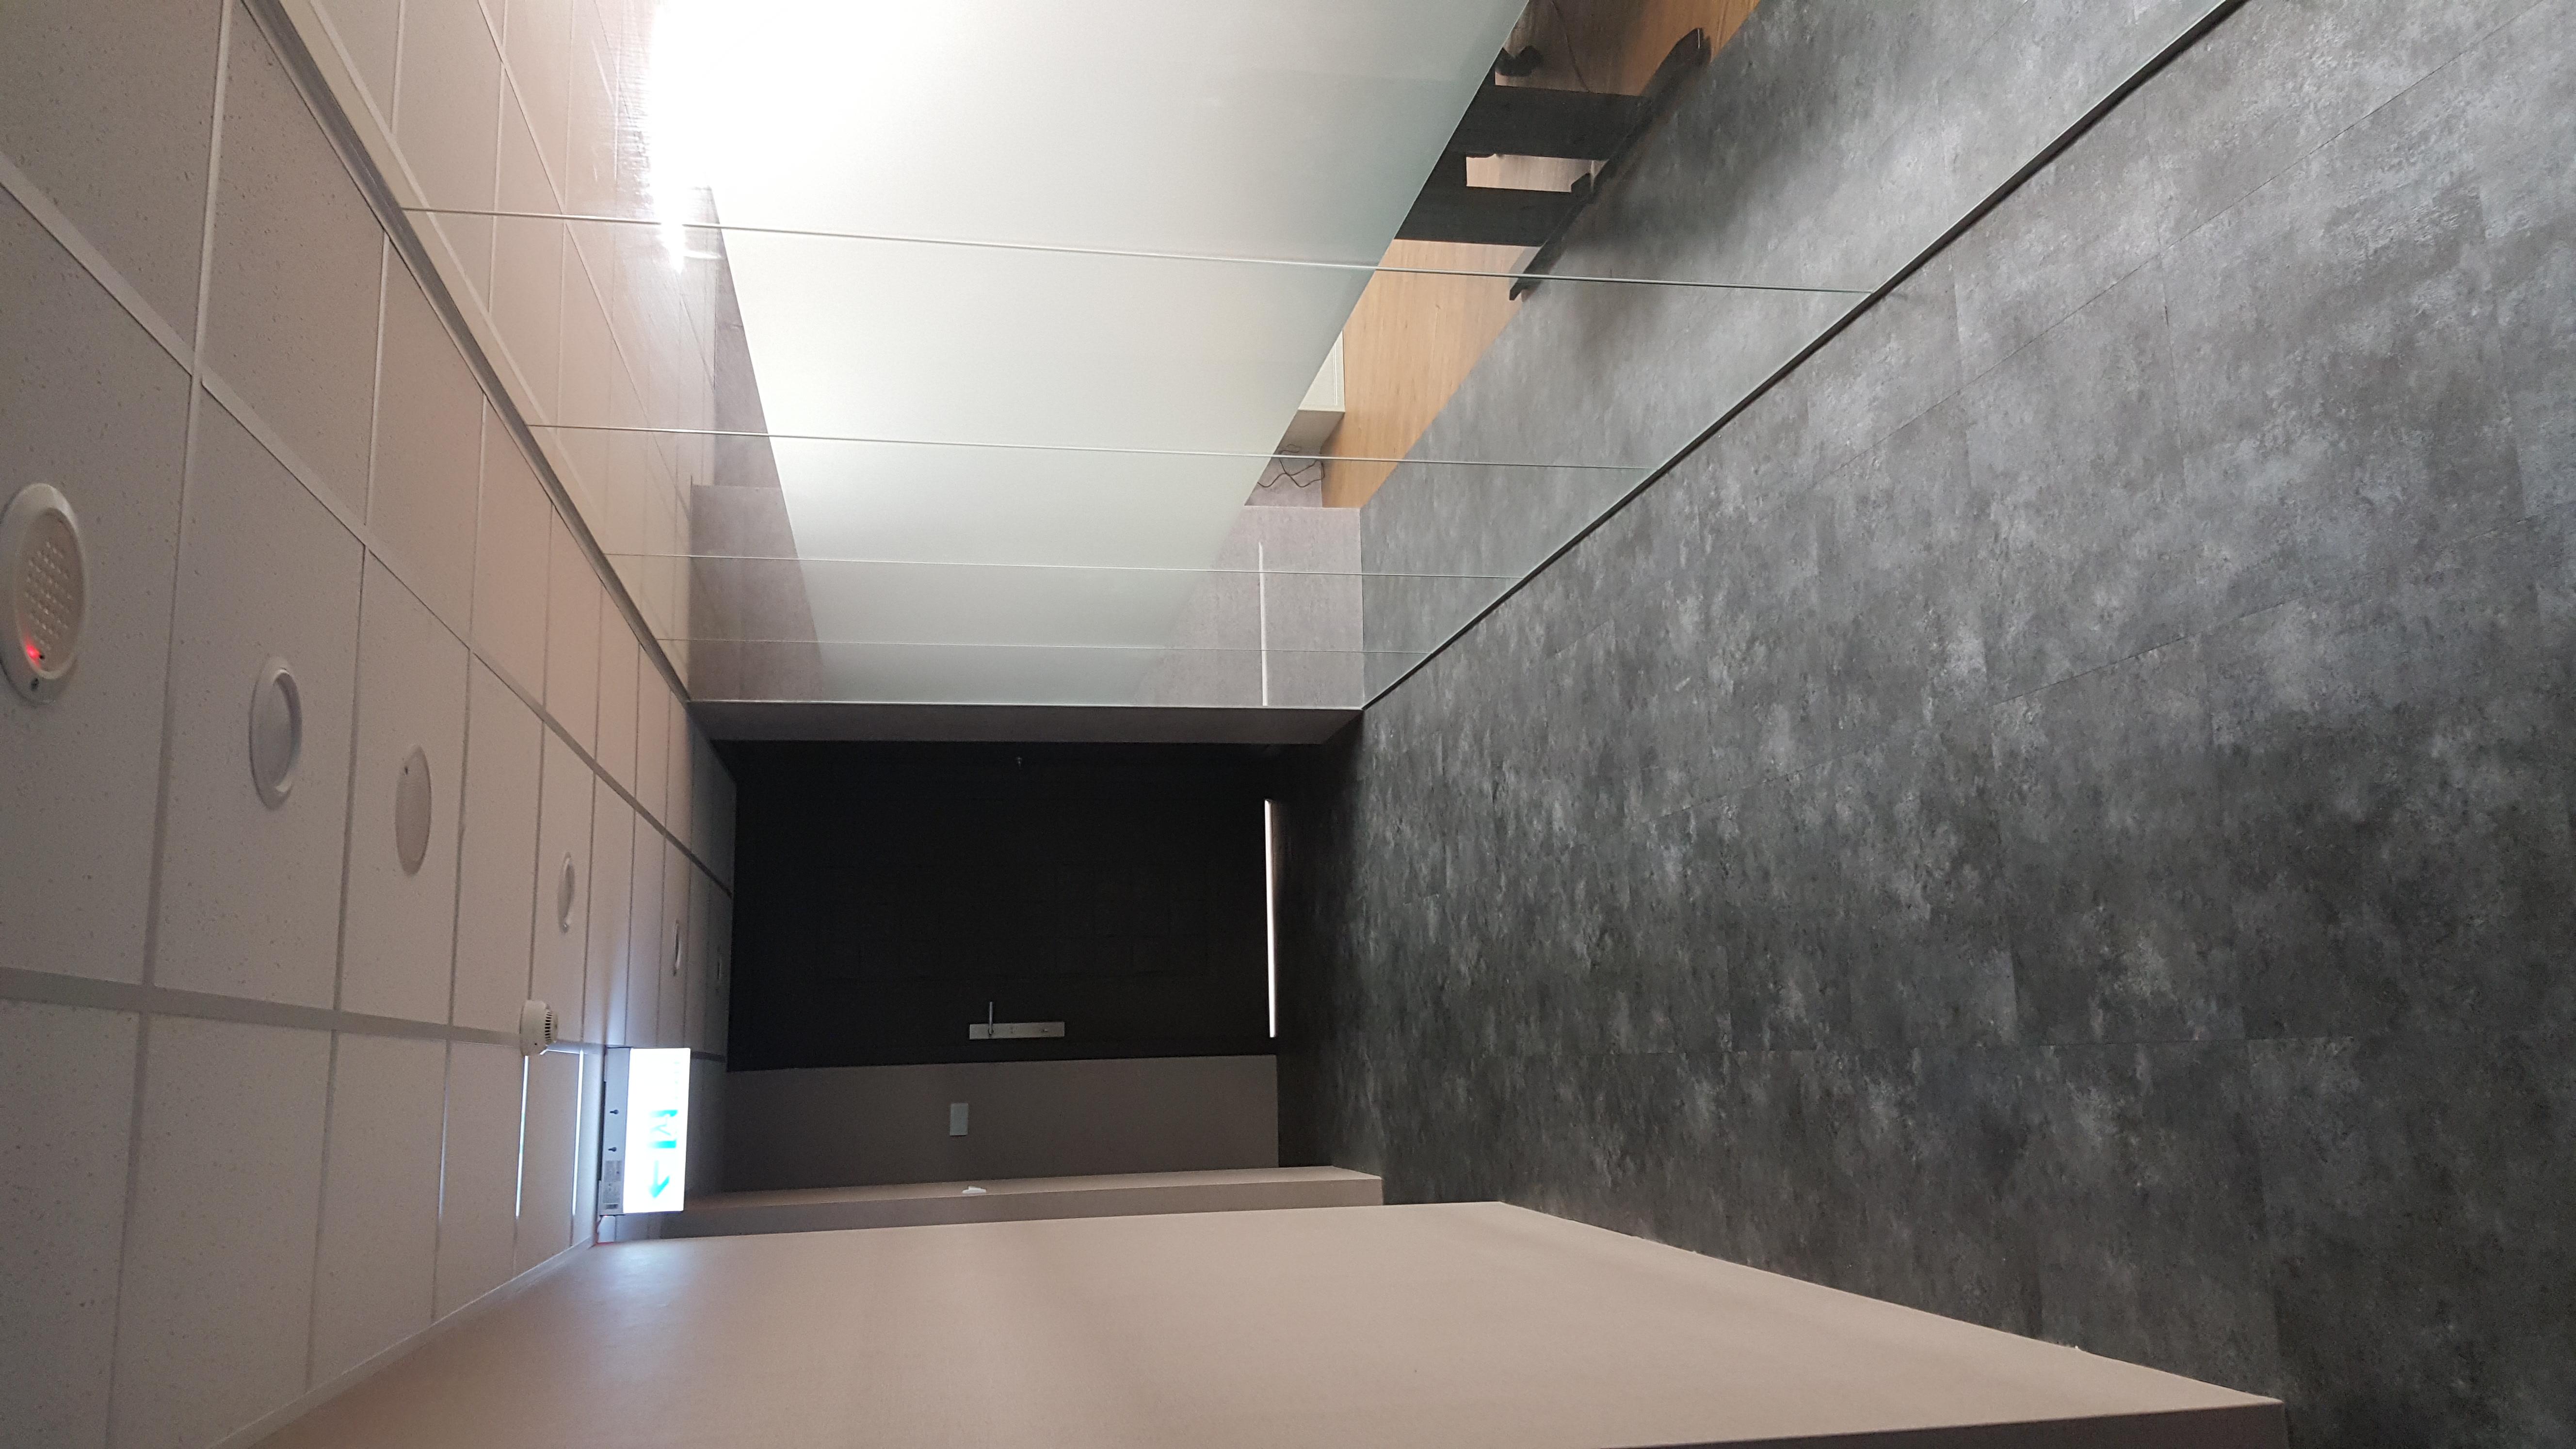 行天宮捷運站 生活機能佳 辦公室